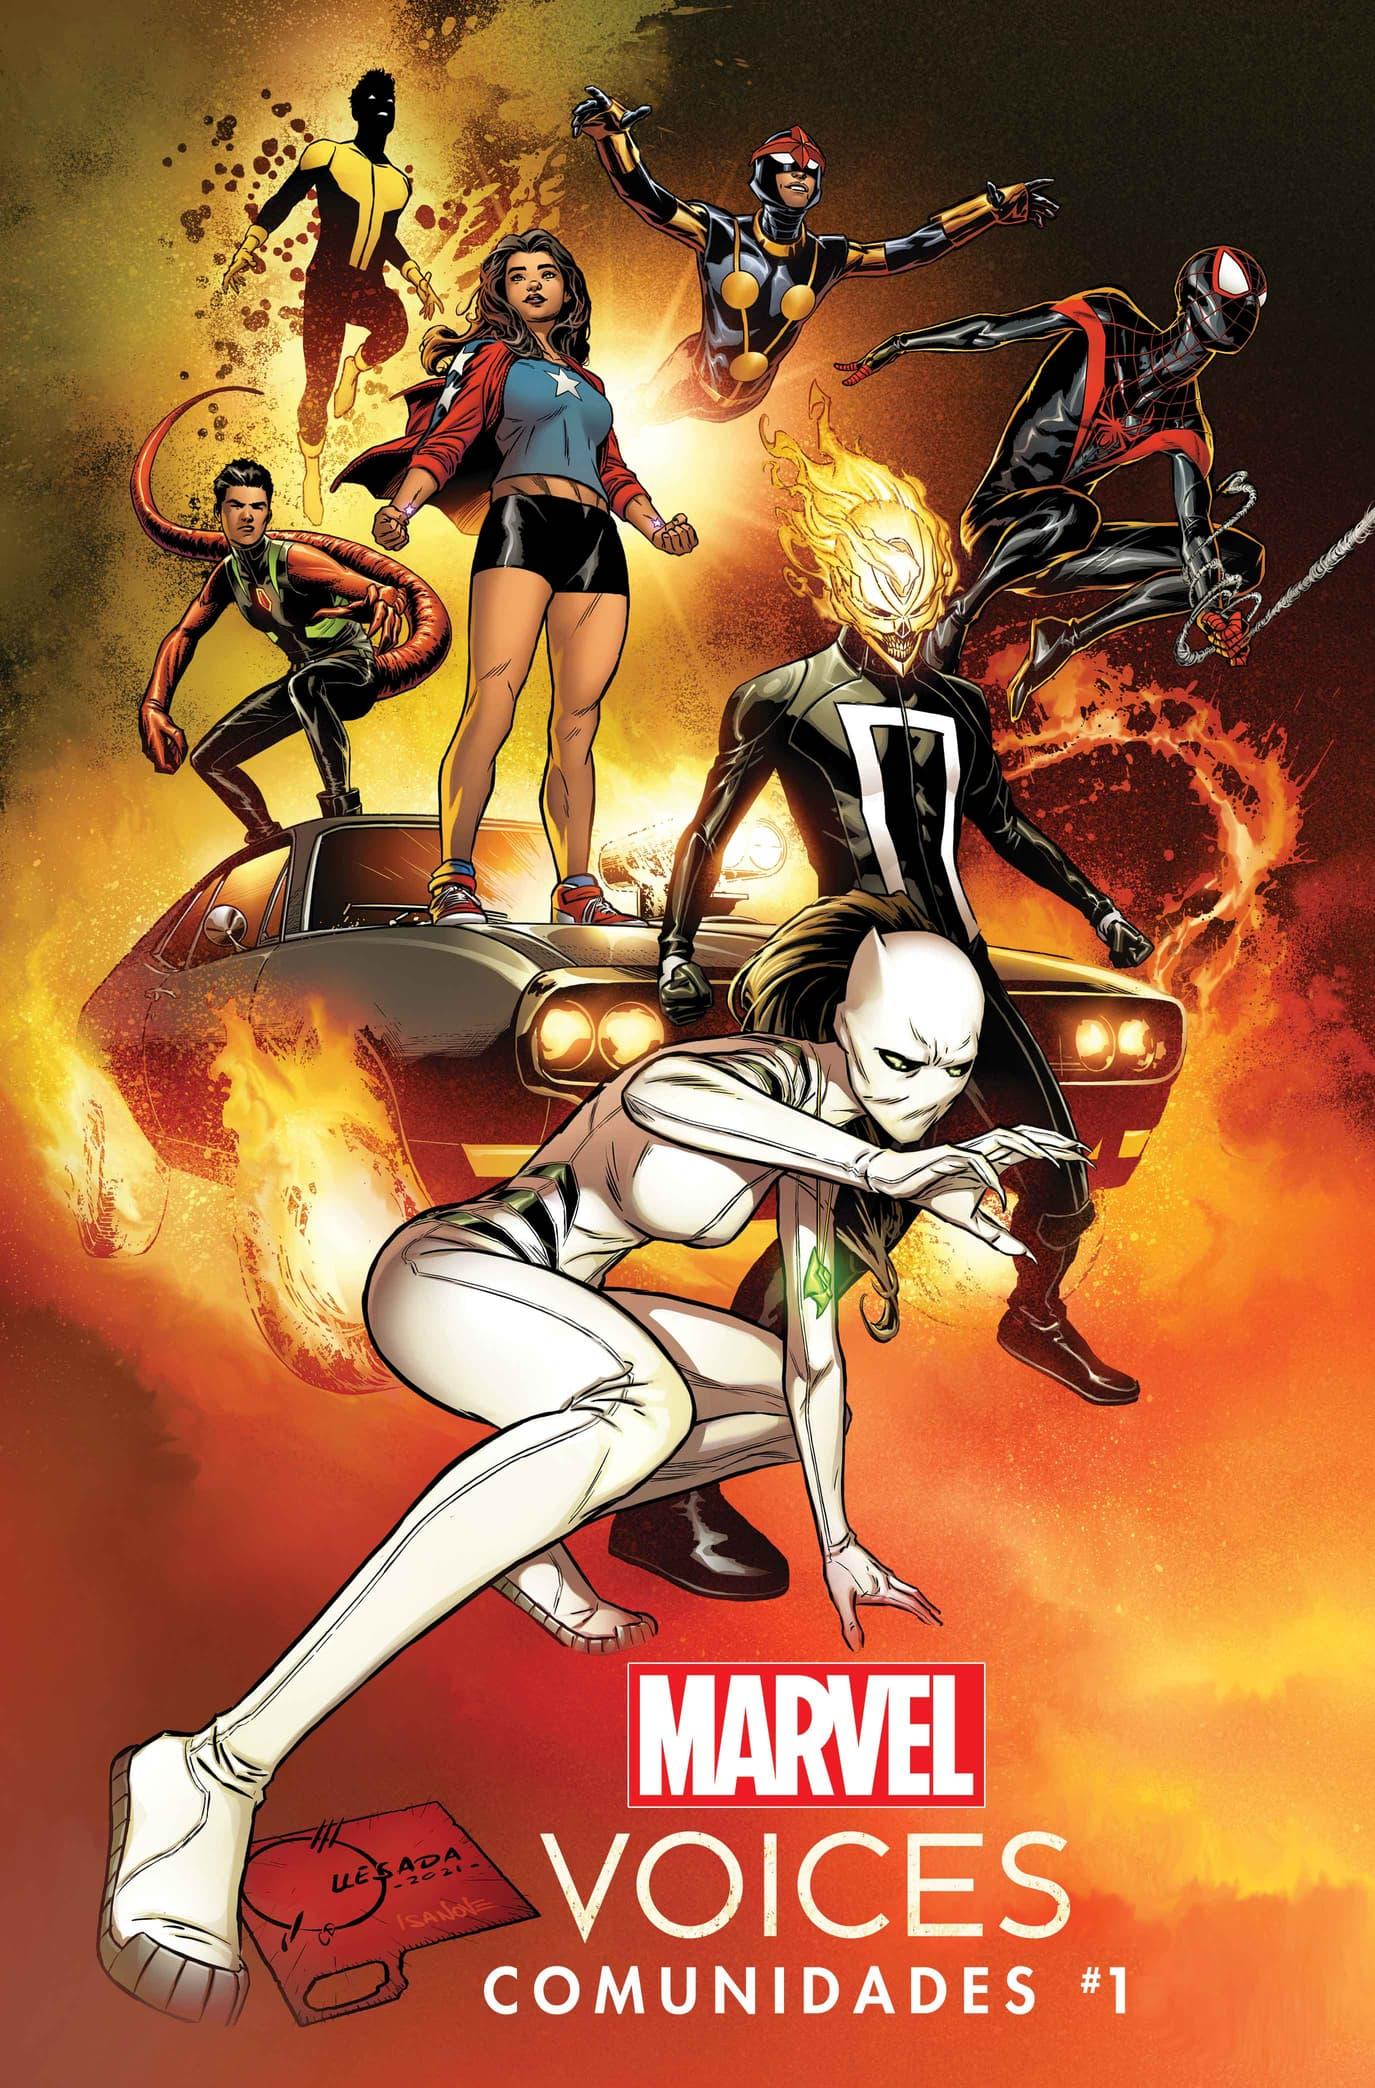 Marvel's Voices: Comunidades #1 Cover by Joe Quesada